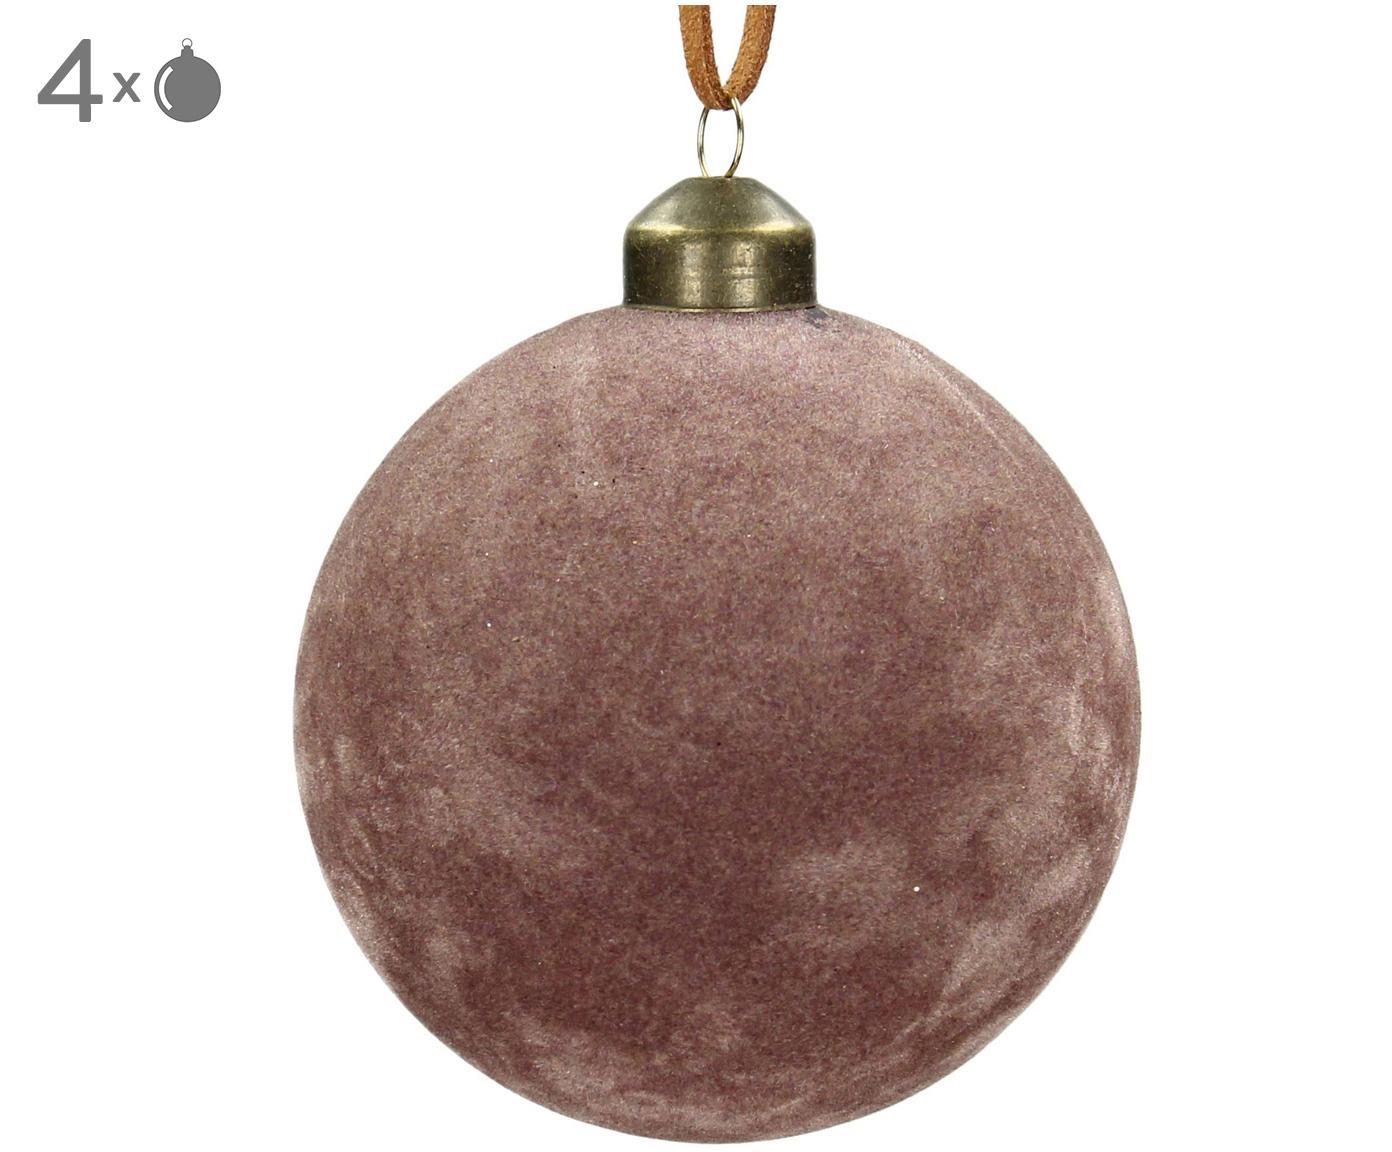 Kerstballen Velvet, 4 stuks, Glas, polyesterfluweel, Roze, Ø 8 cm